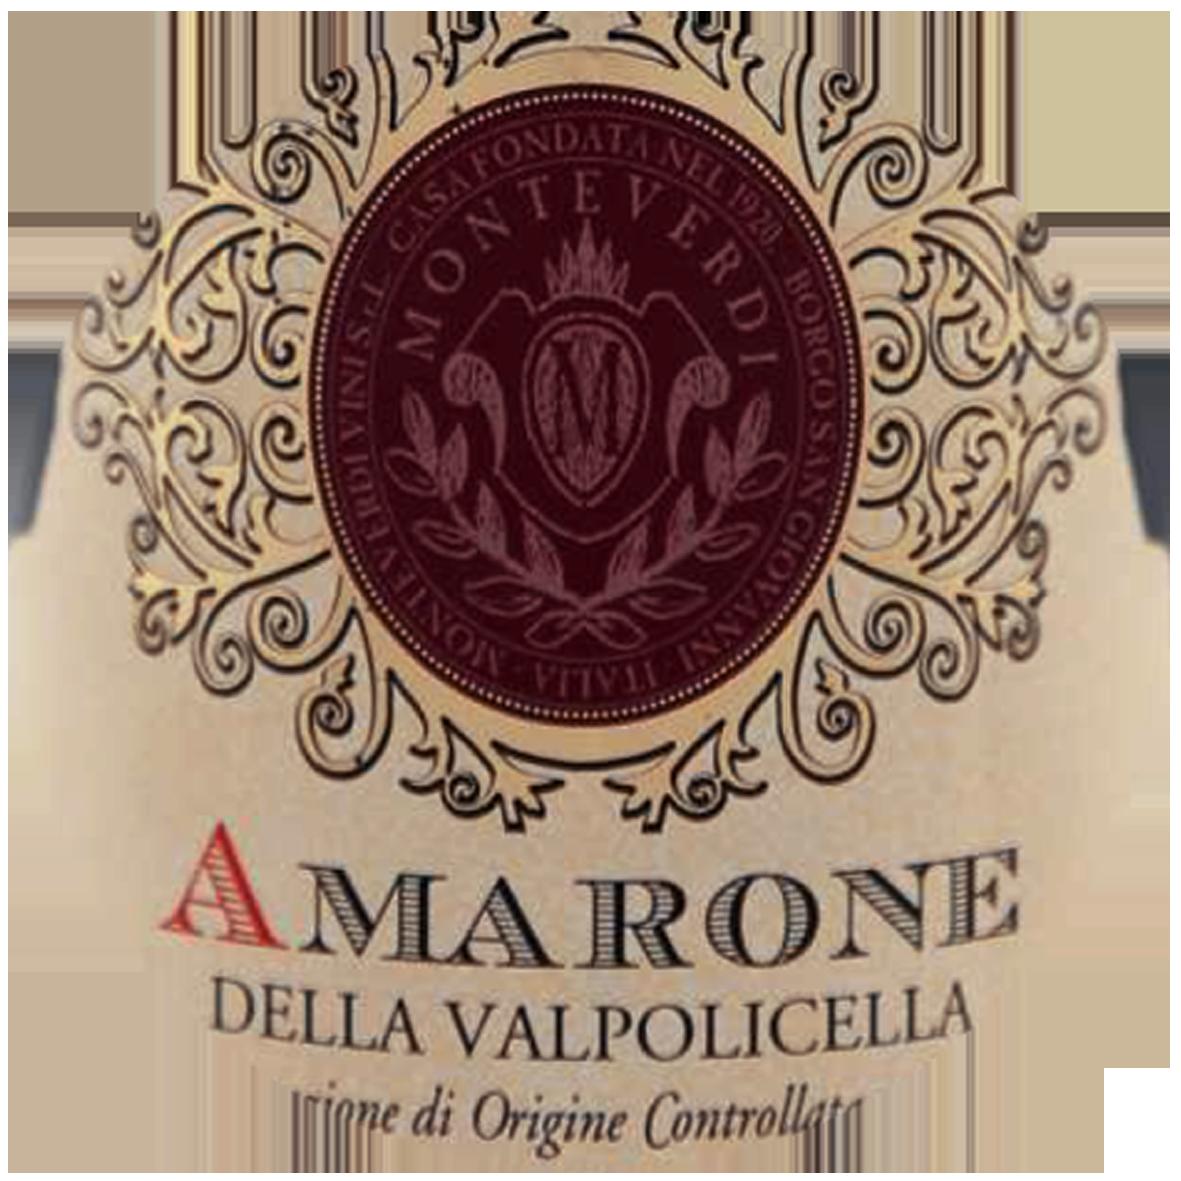 rượu vang amarone